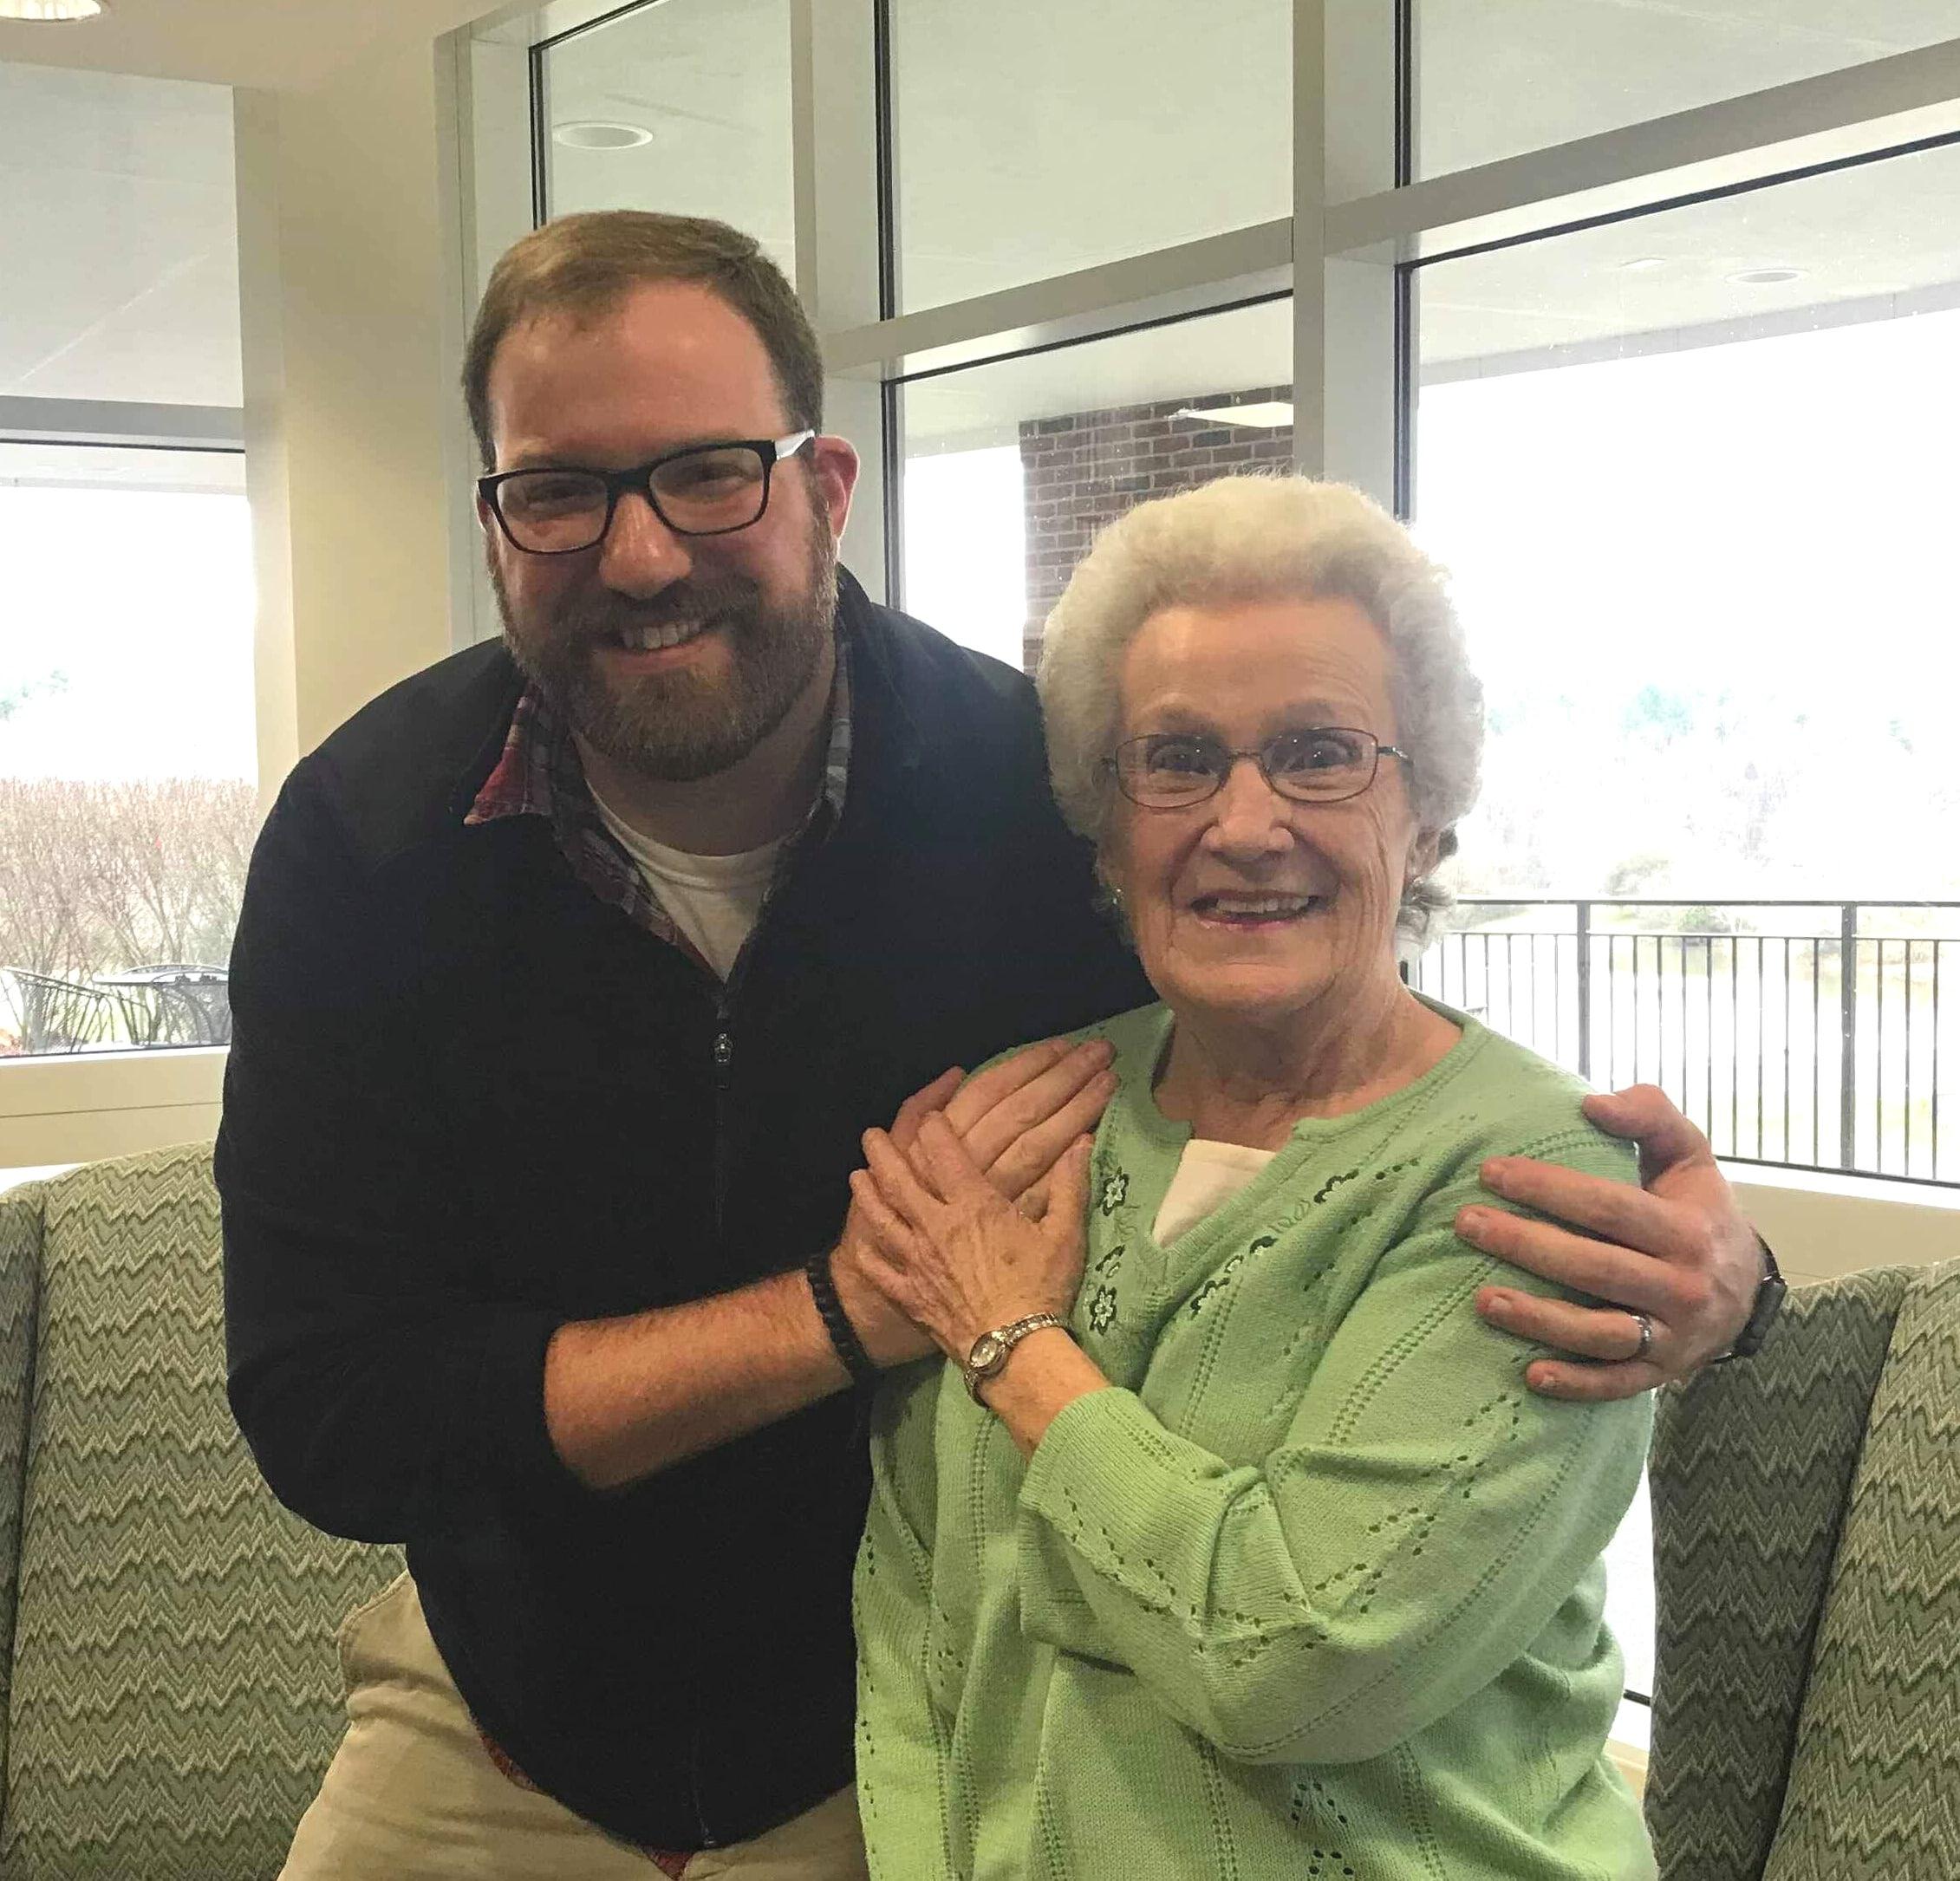 Loretta McGhee with her grandson Brandon.